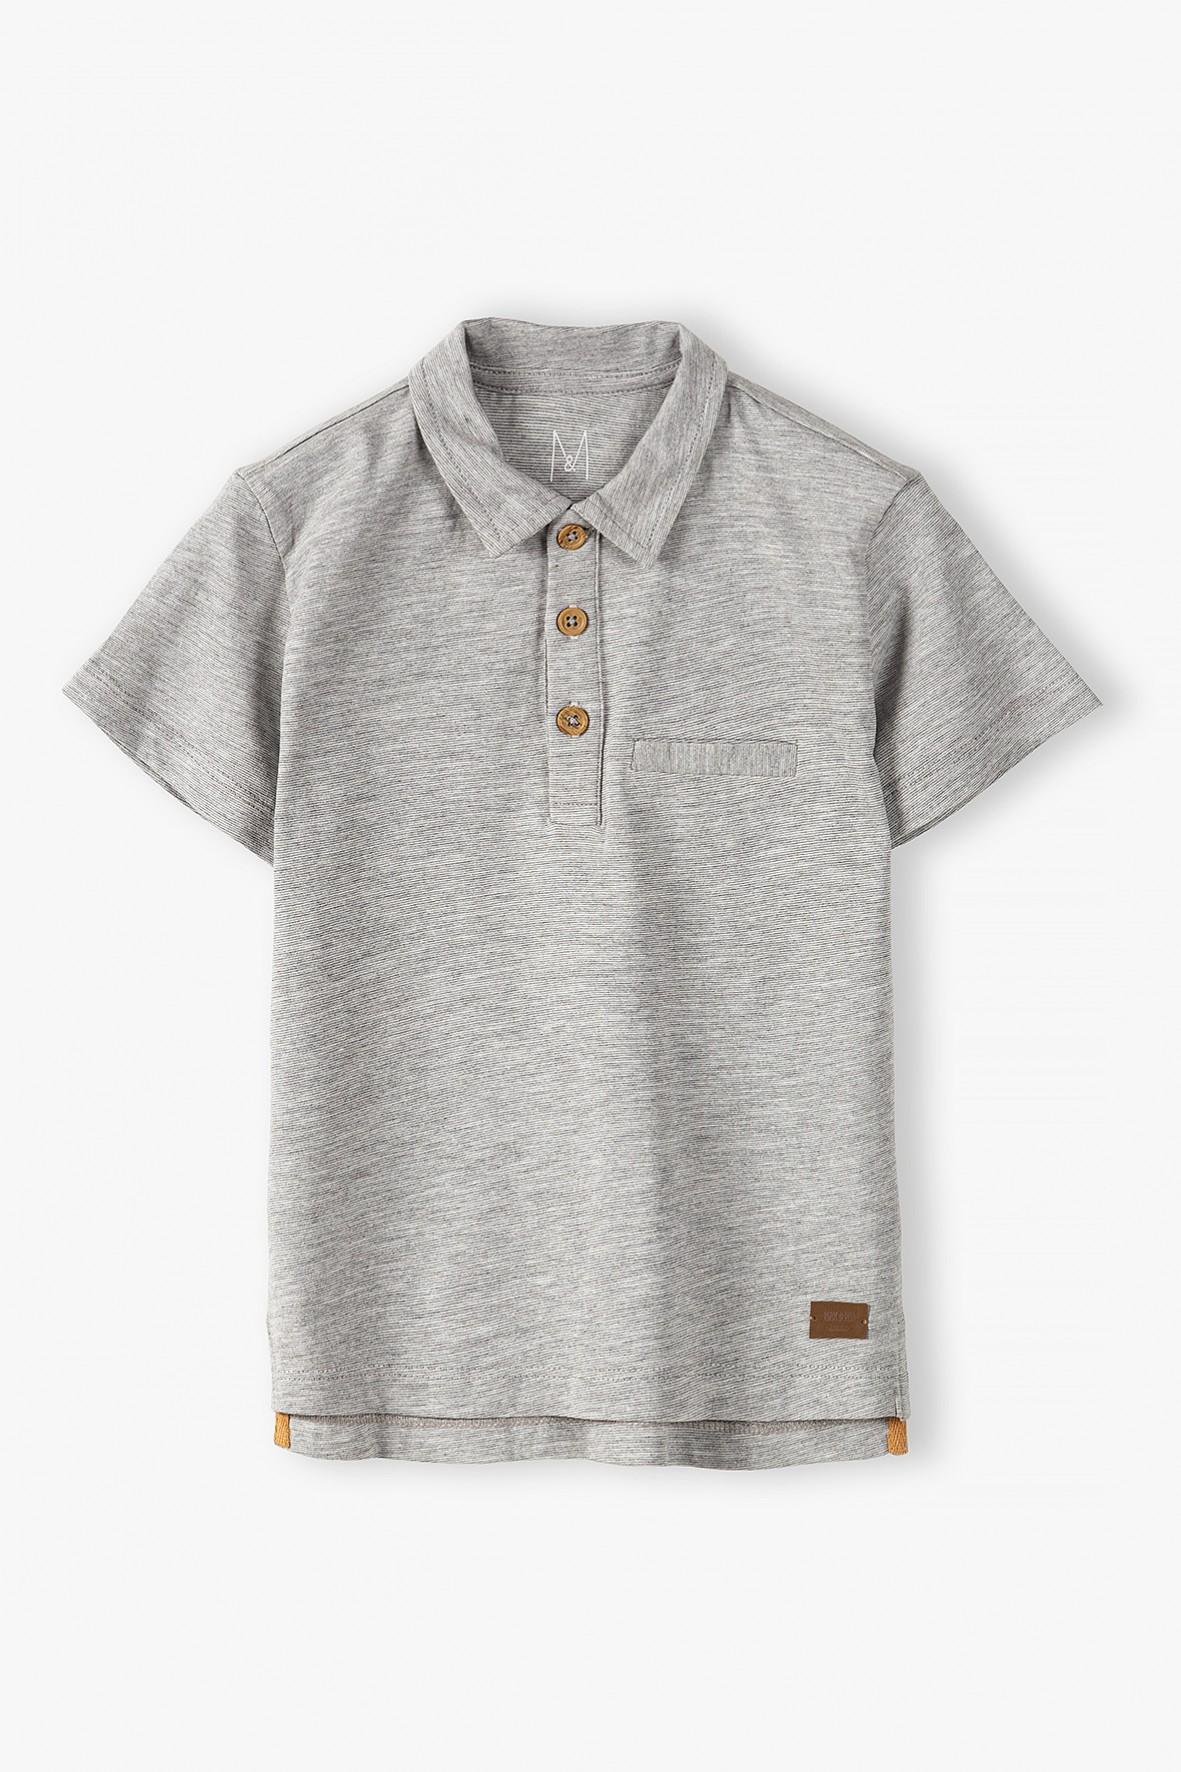 T-shirt chłopięcy w kolorze szarym z kołnierzykiem